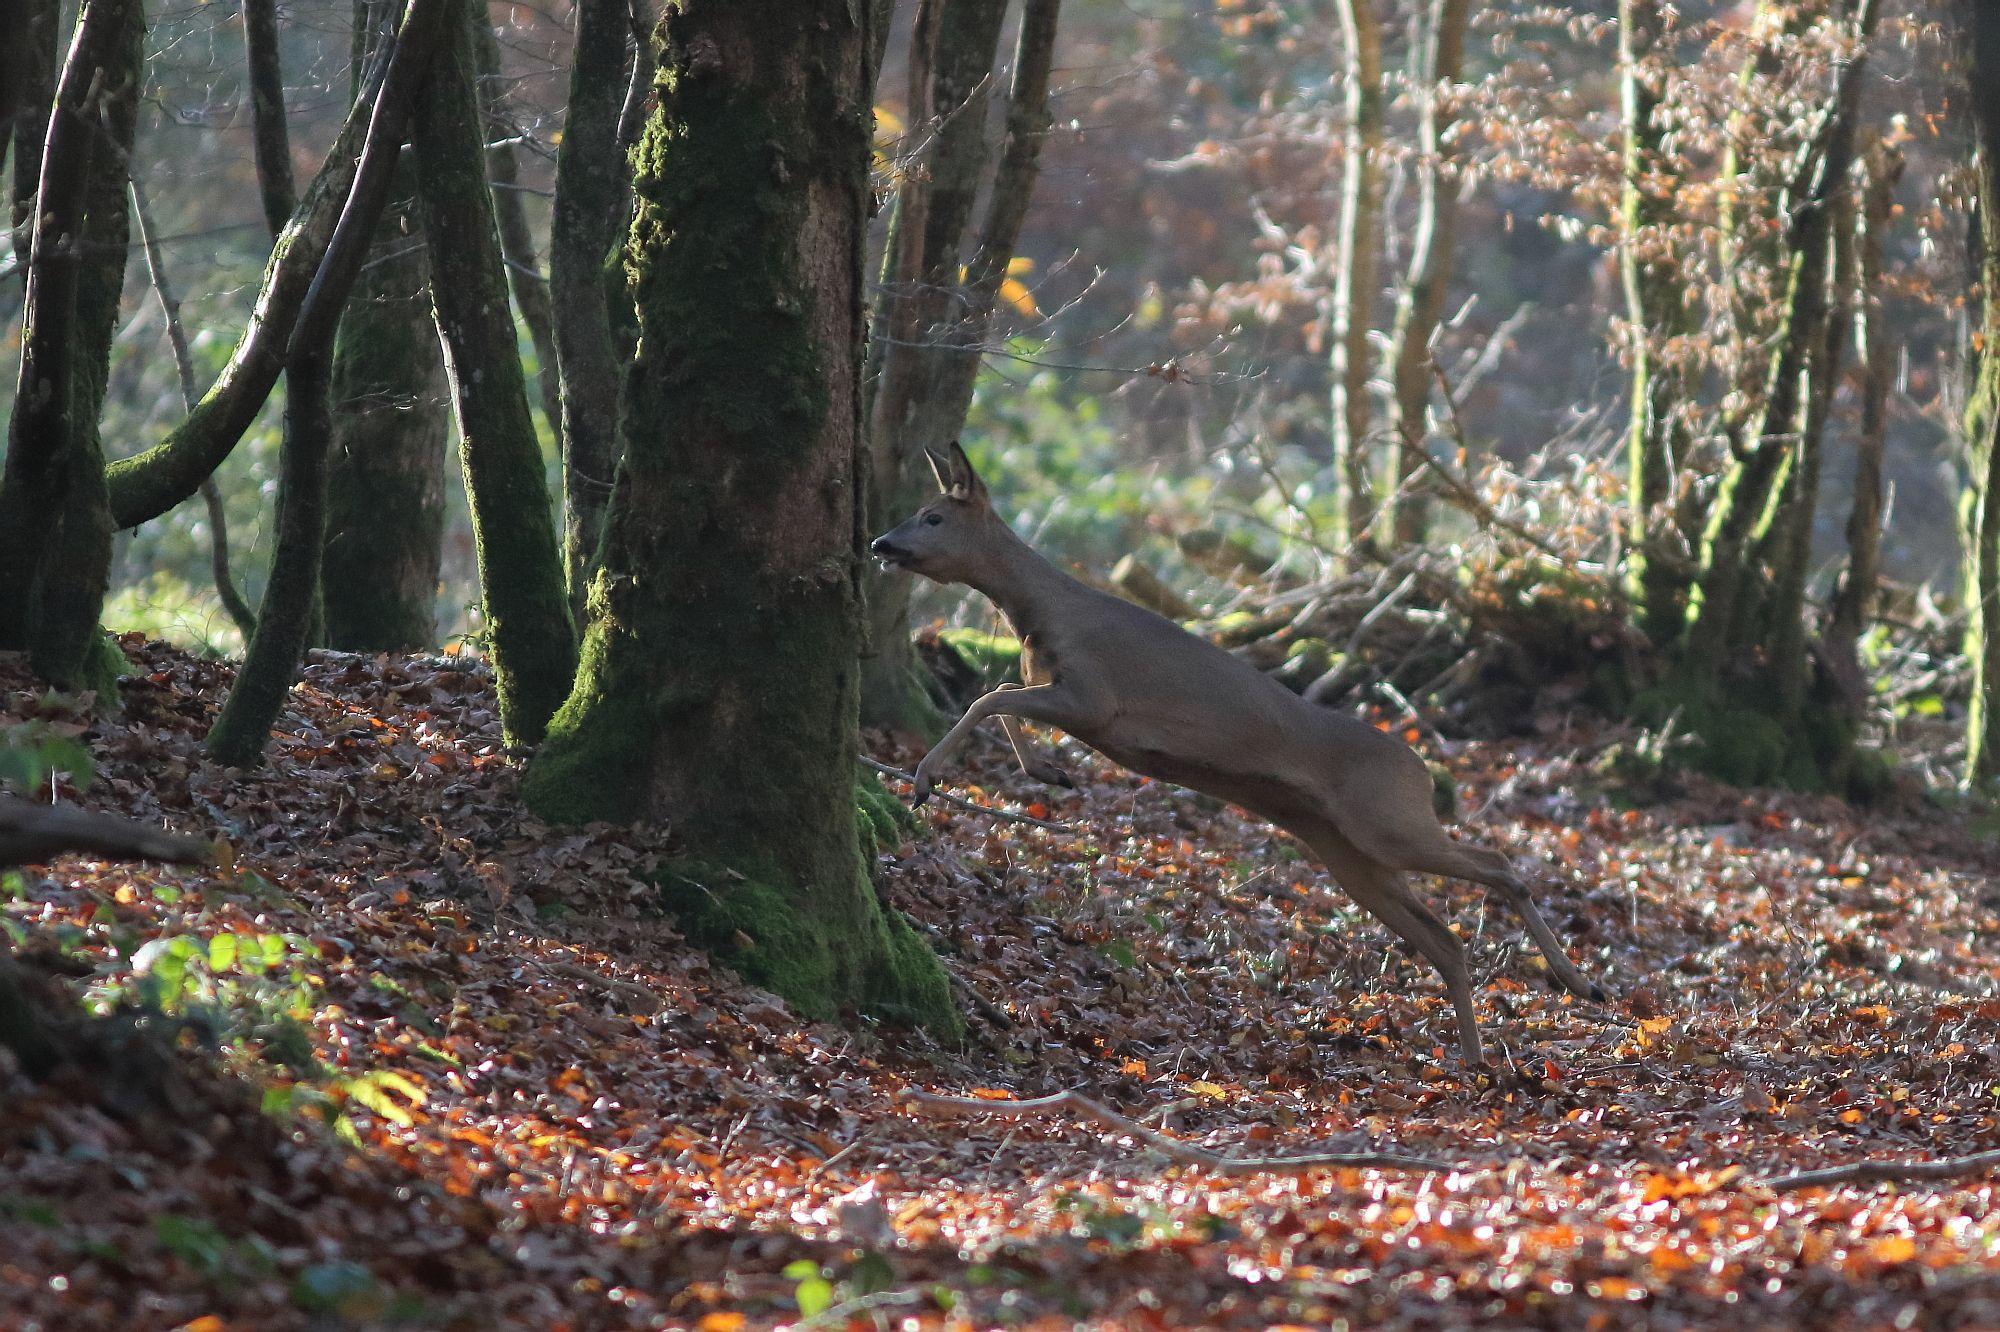 Au détour d'un chemin creux, chevreuil gagnant le bois.